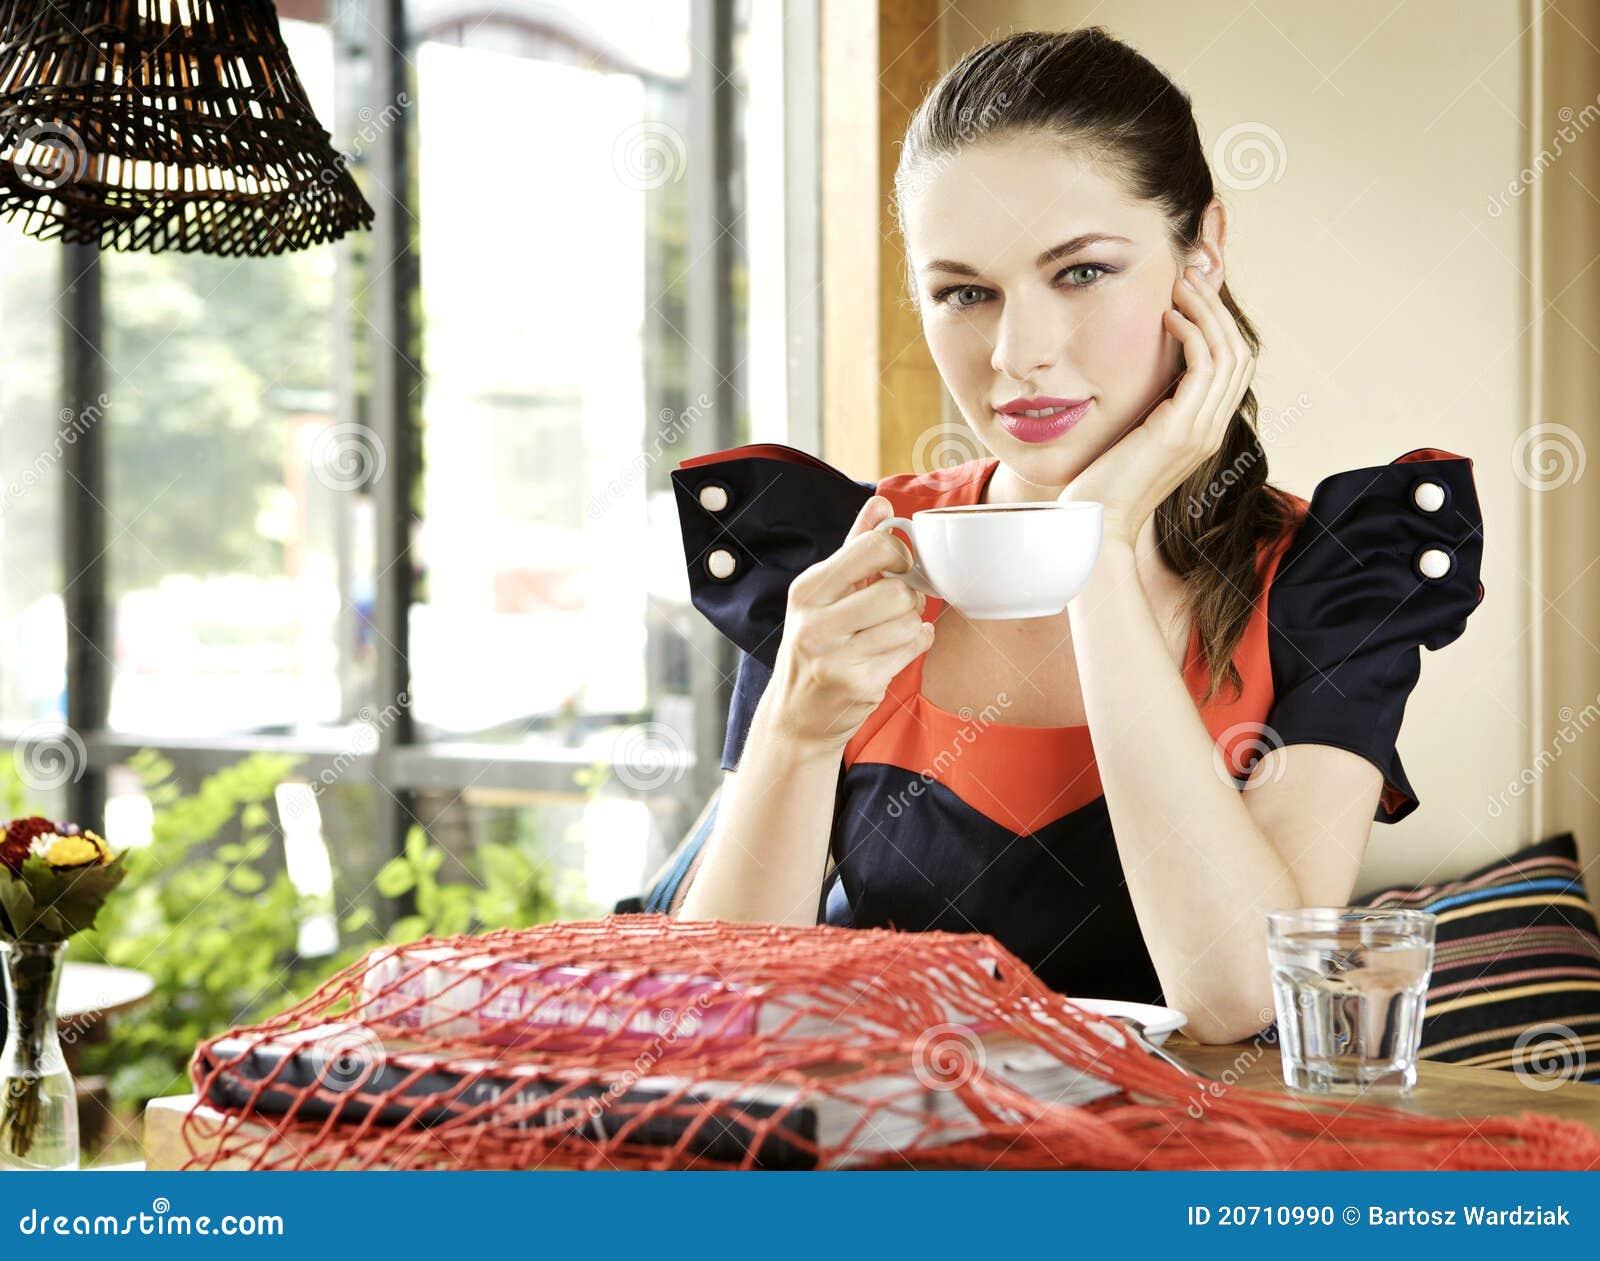 фото девушка с чашкой кофе в руках